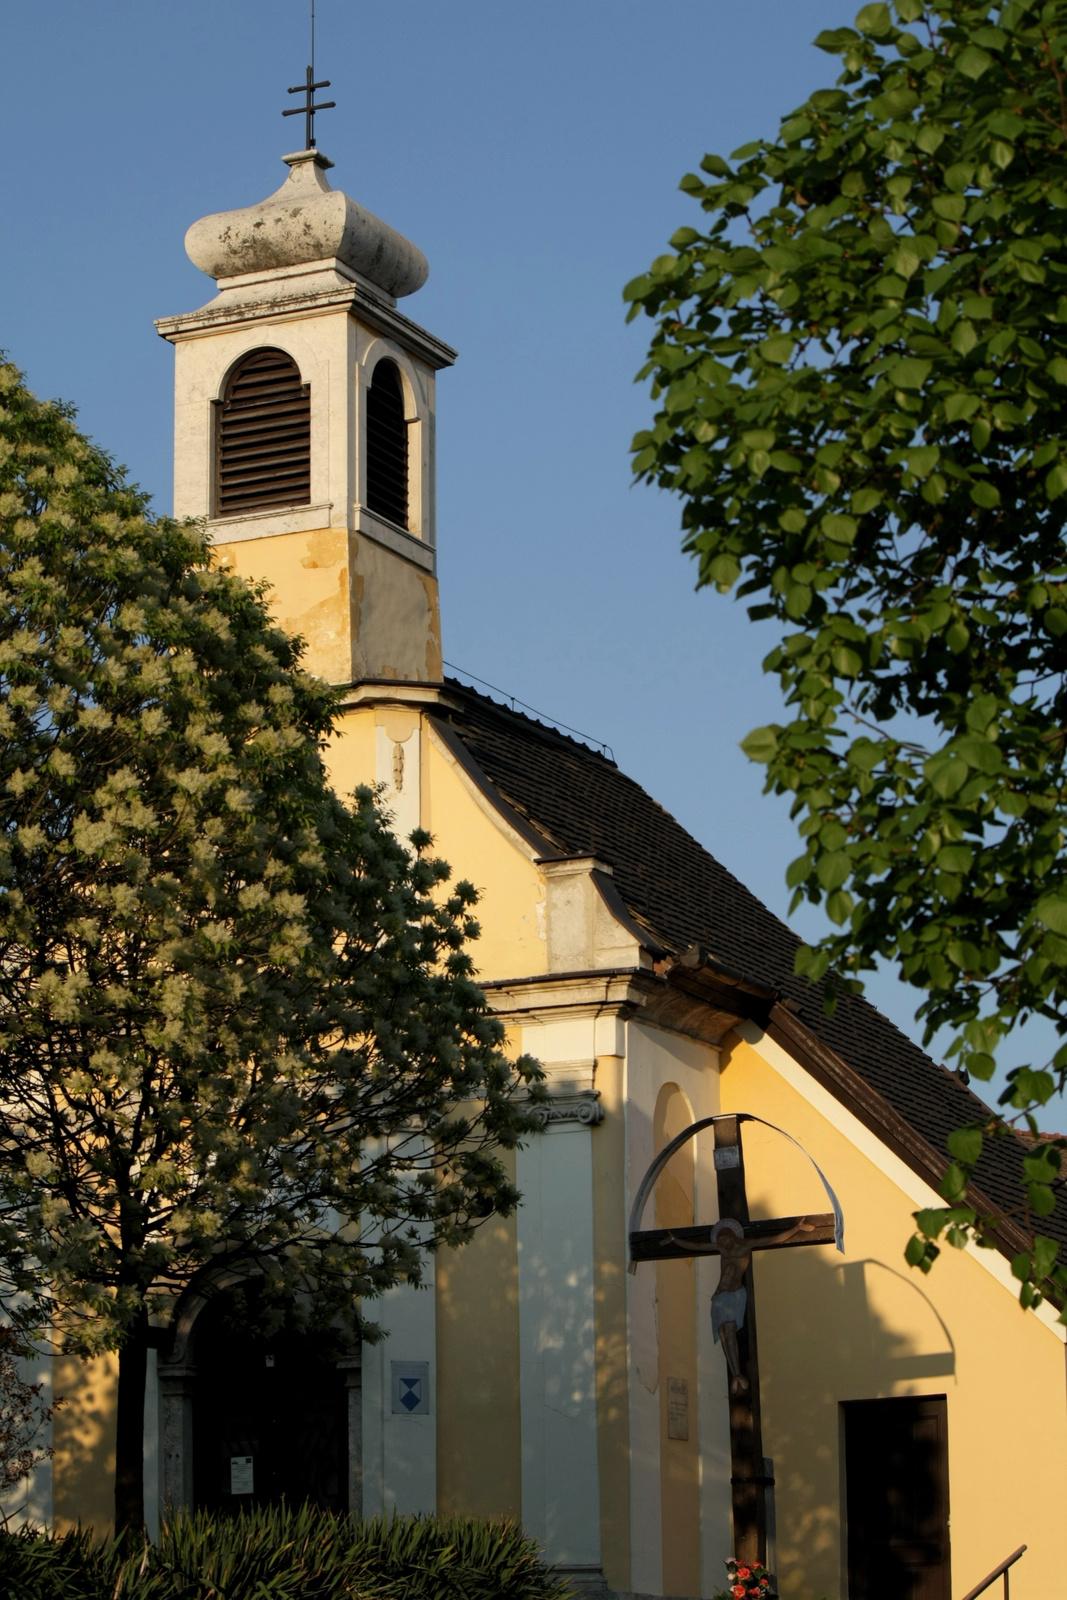 Kápolna átlósan